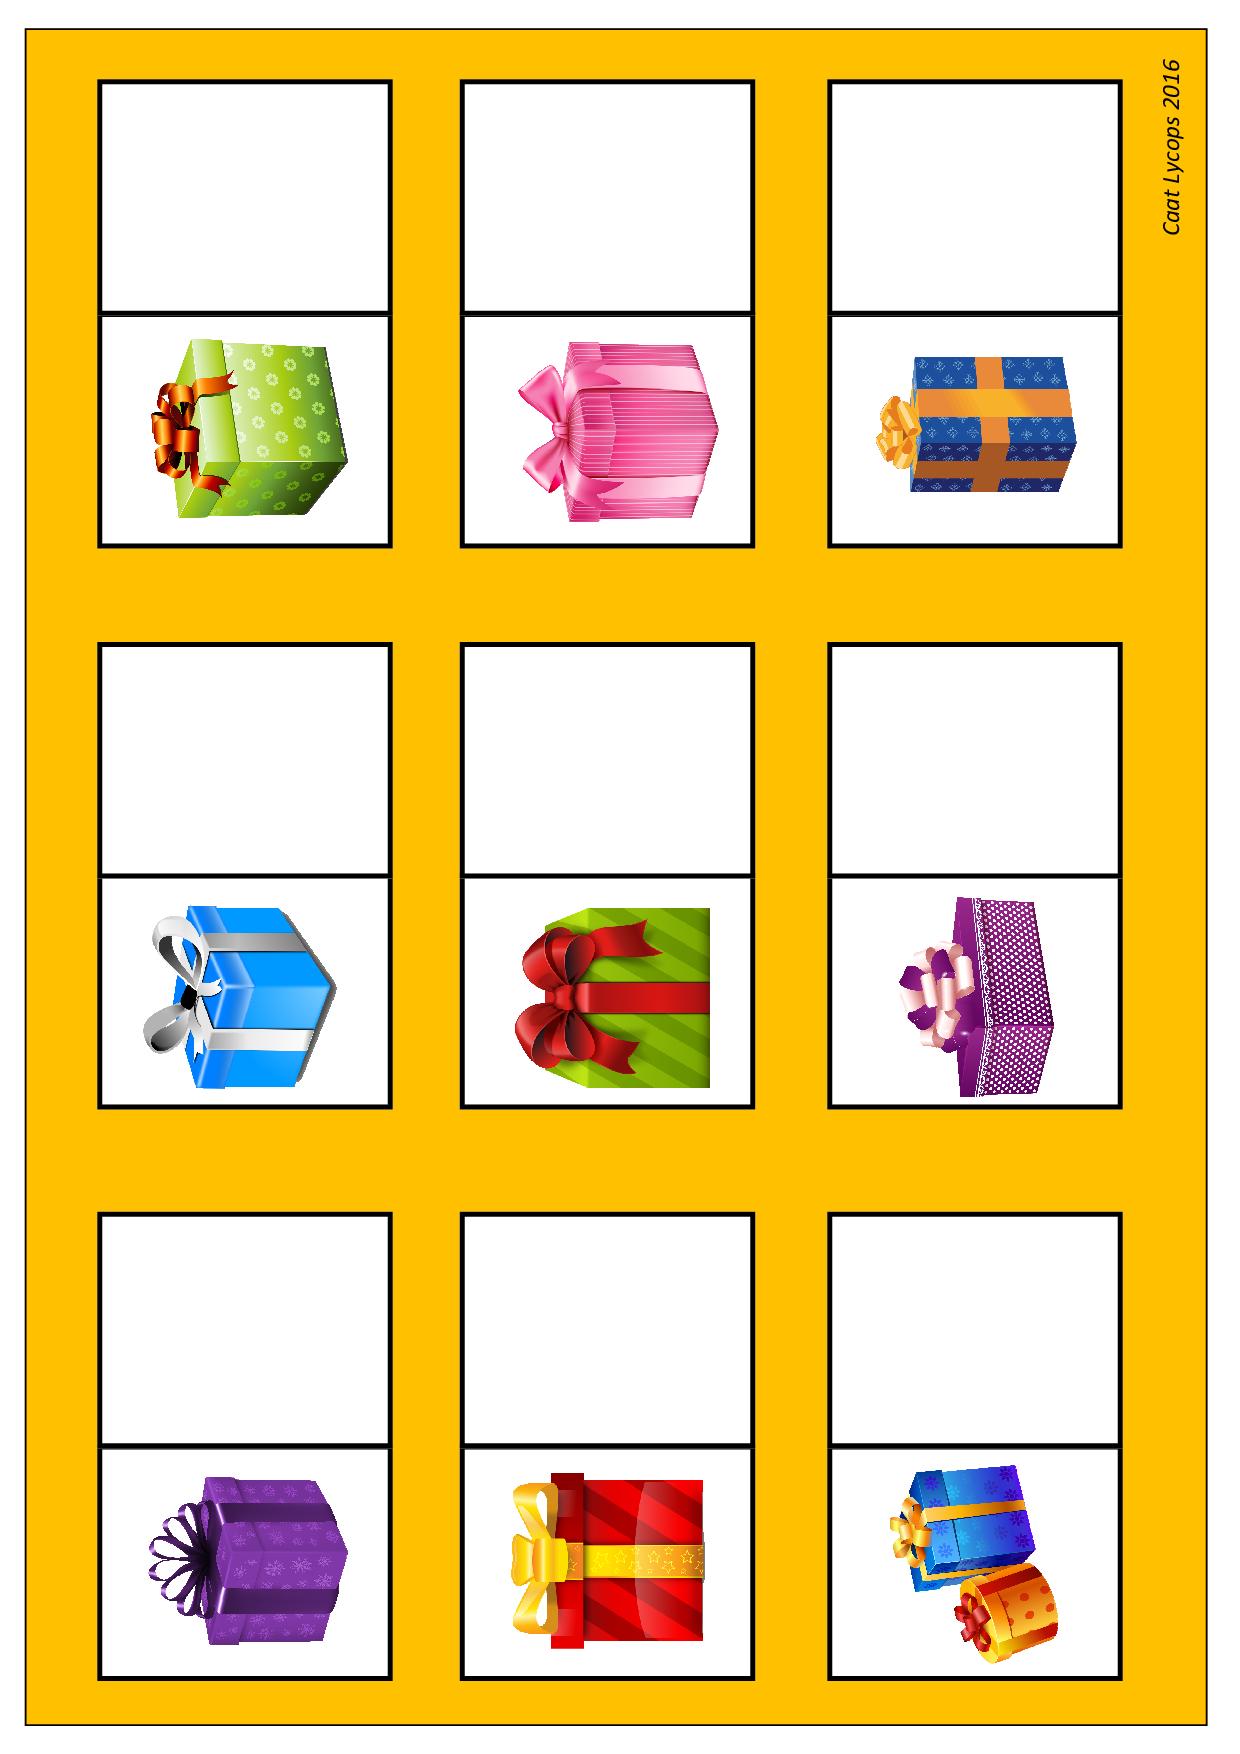 Matching Task Ts